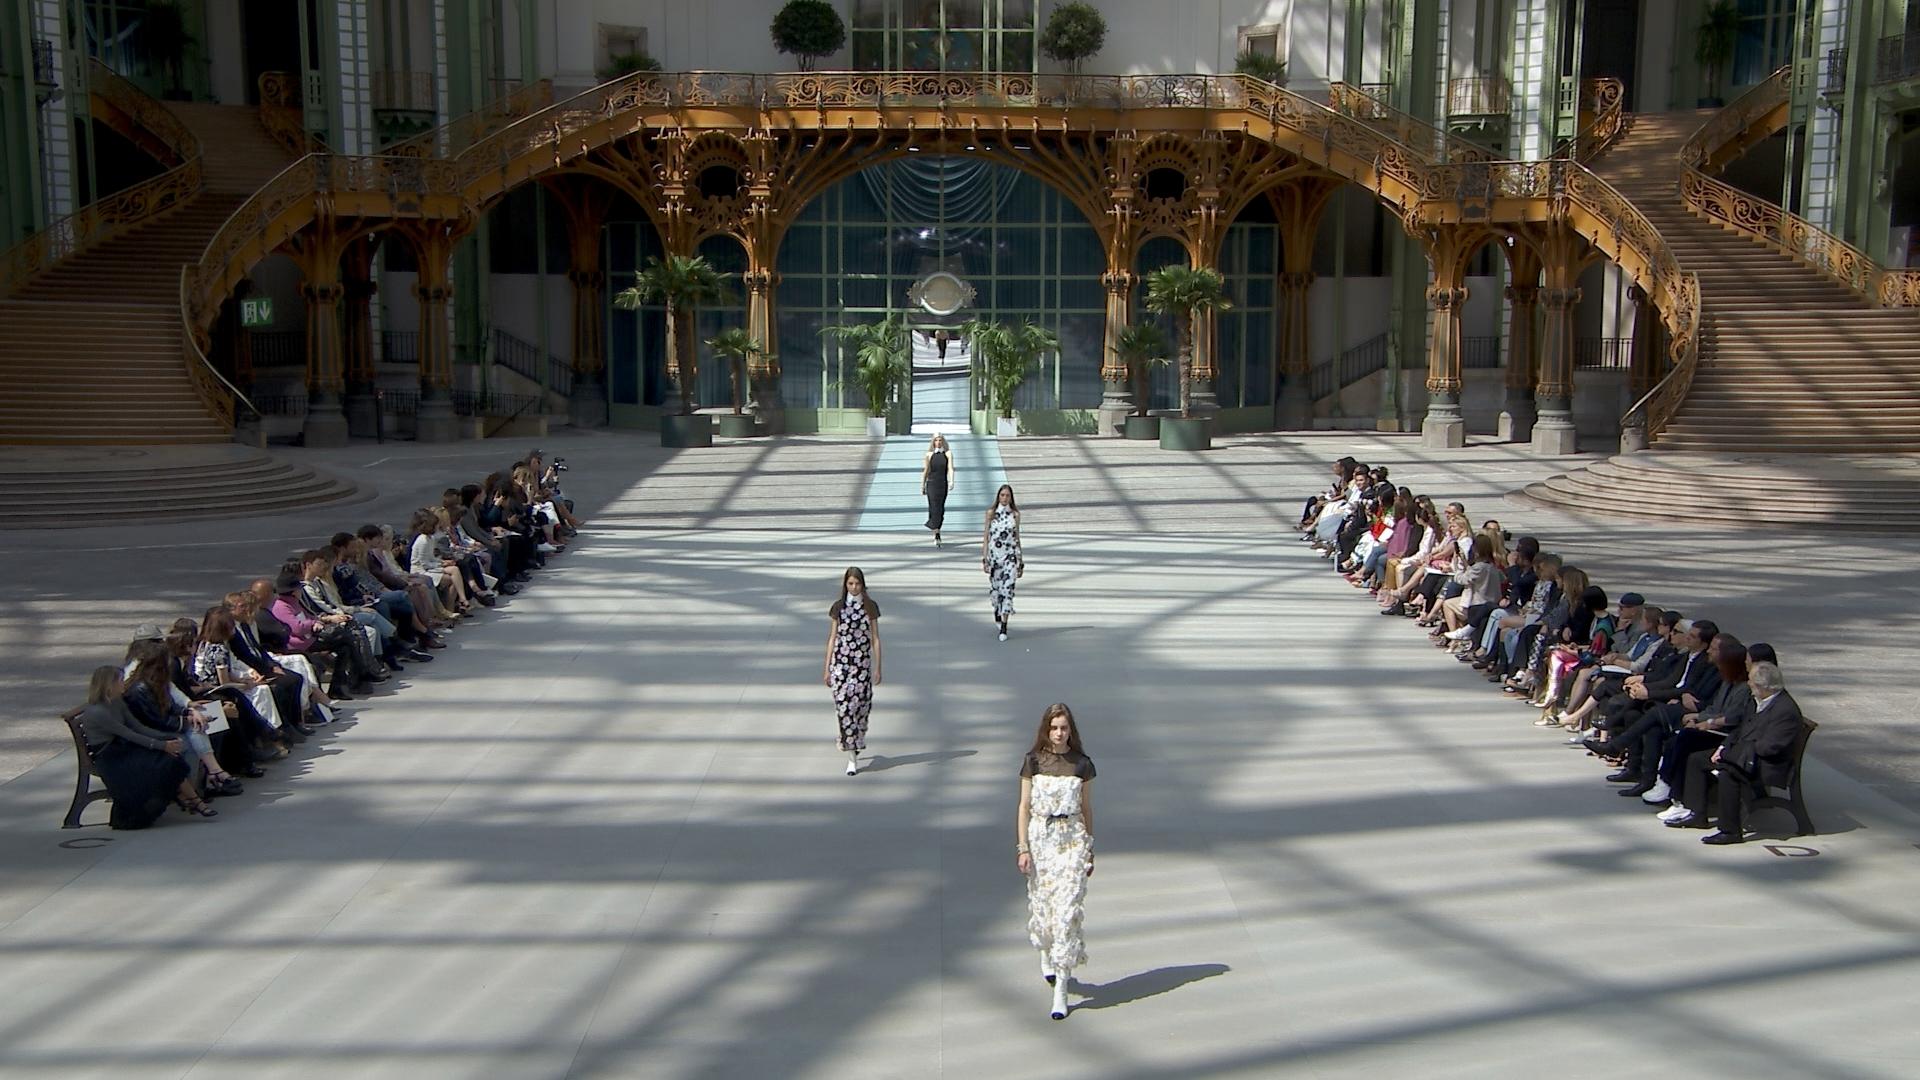 Desfile colección crucero 2019-2020 de Chanel en el Grand Palais